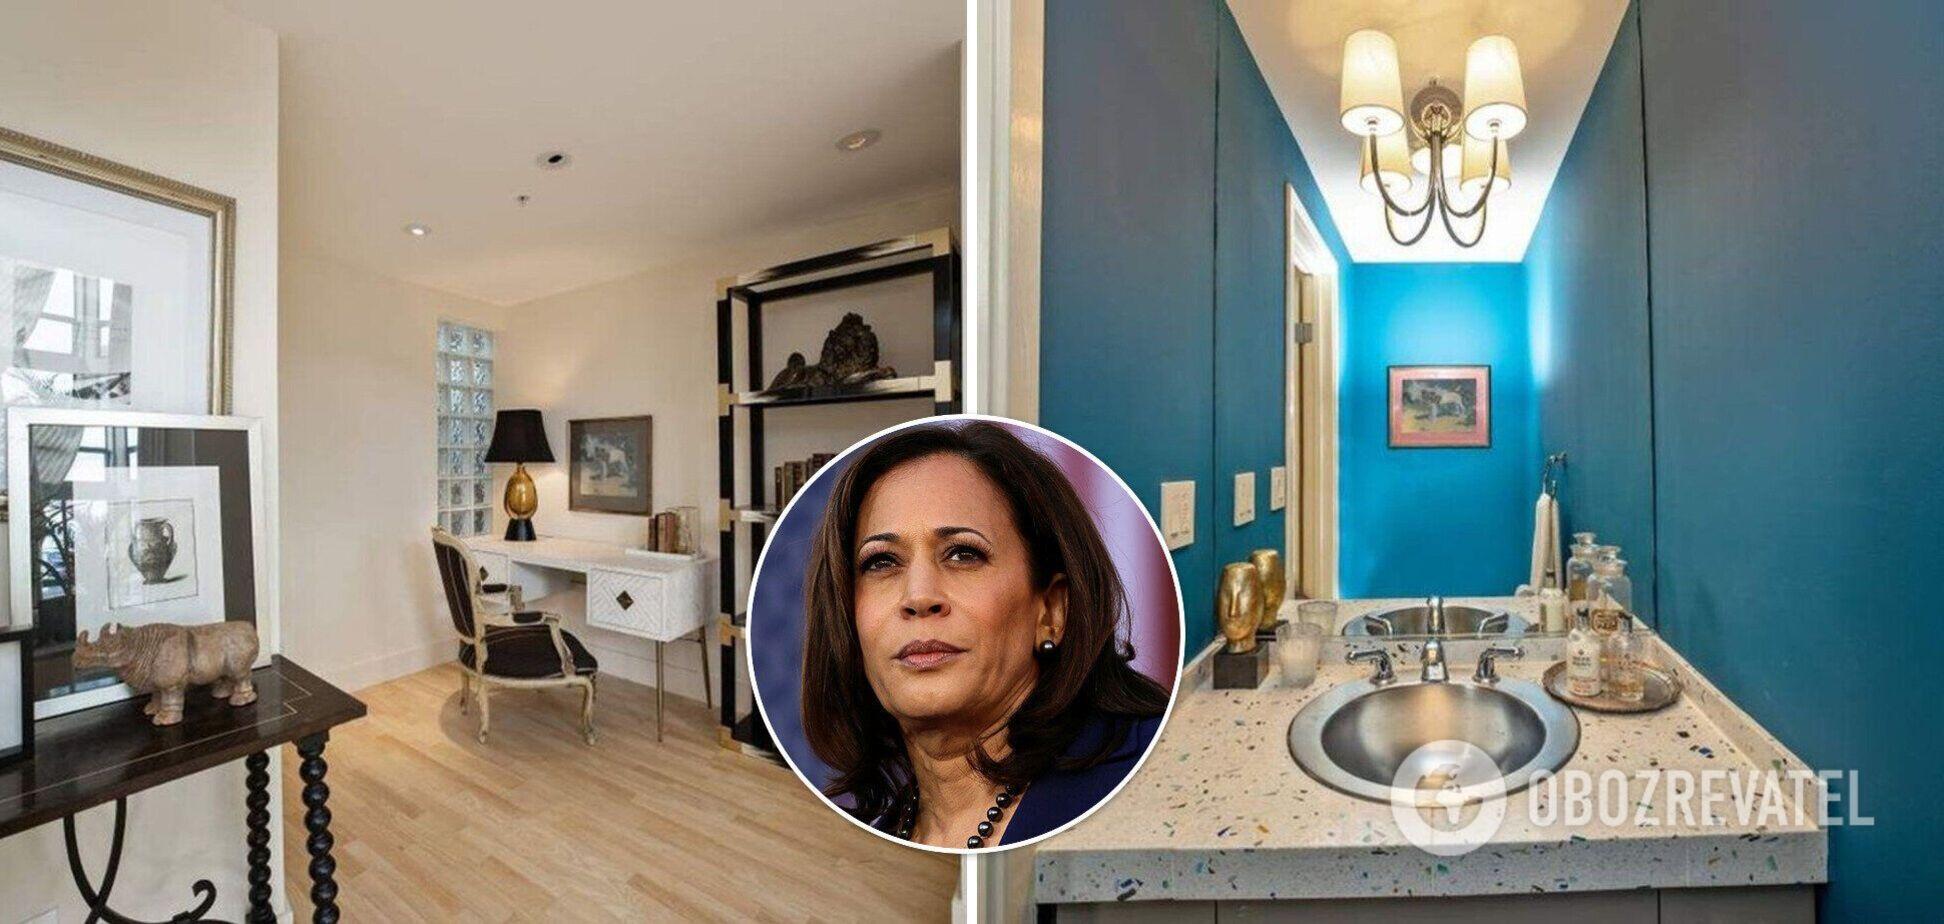 Камала Харрис продала квартиру за $799 тысяч: как она выглядит